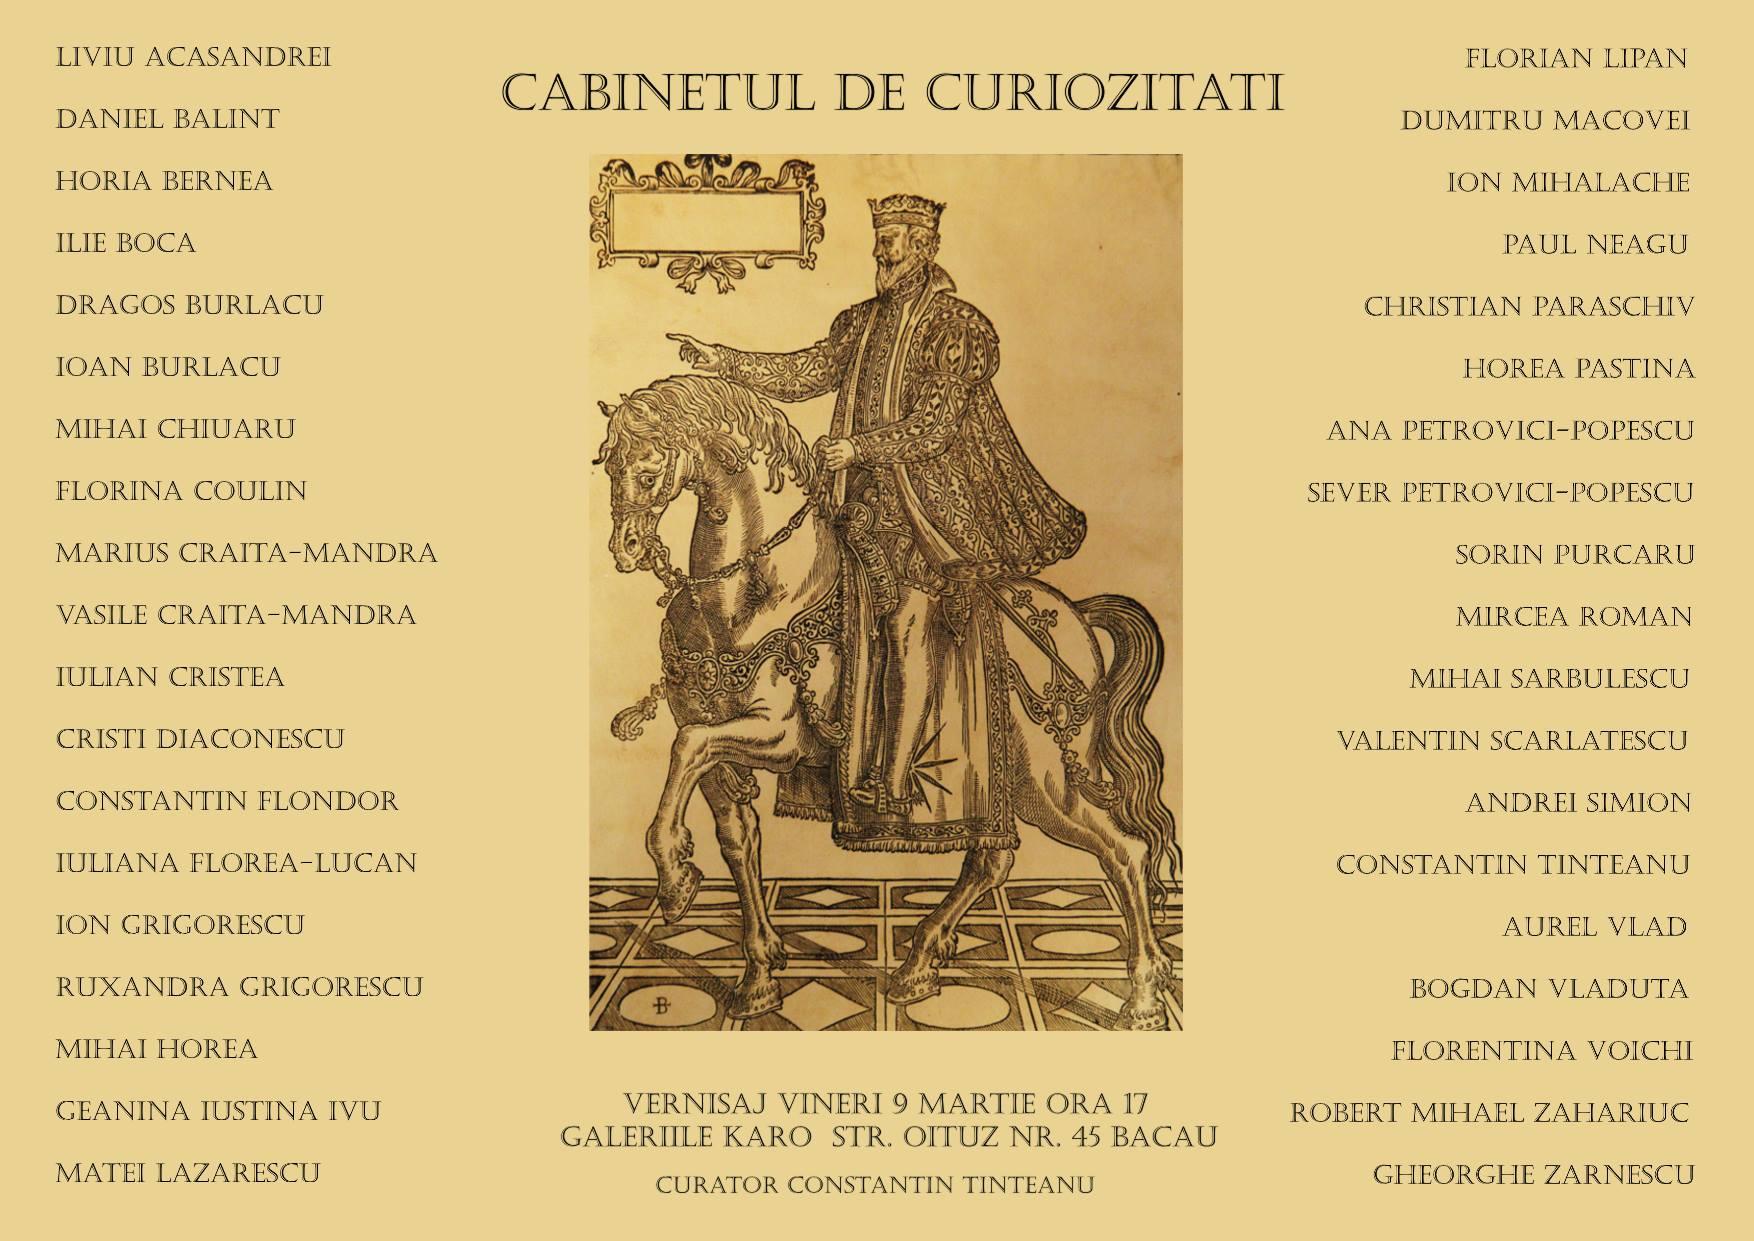 galeriile karo- cabinetul de curiozitati